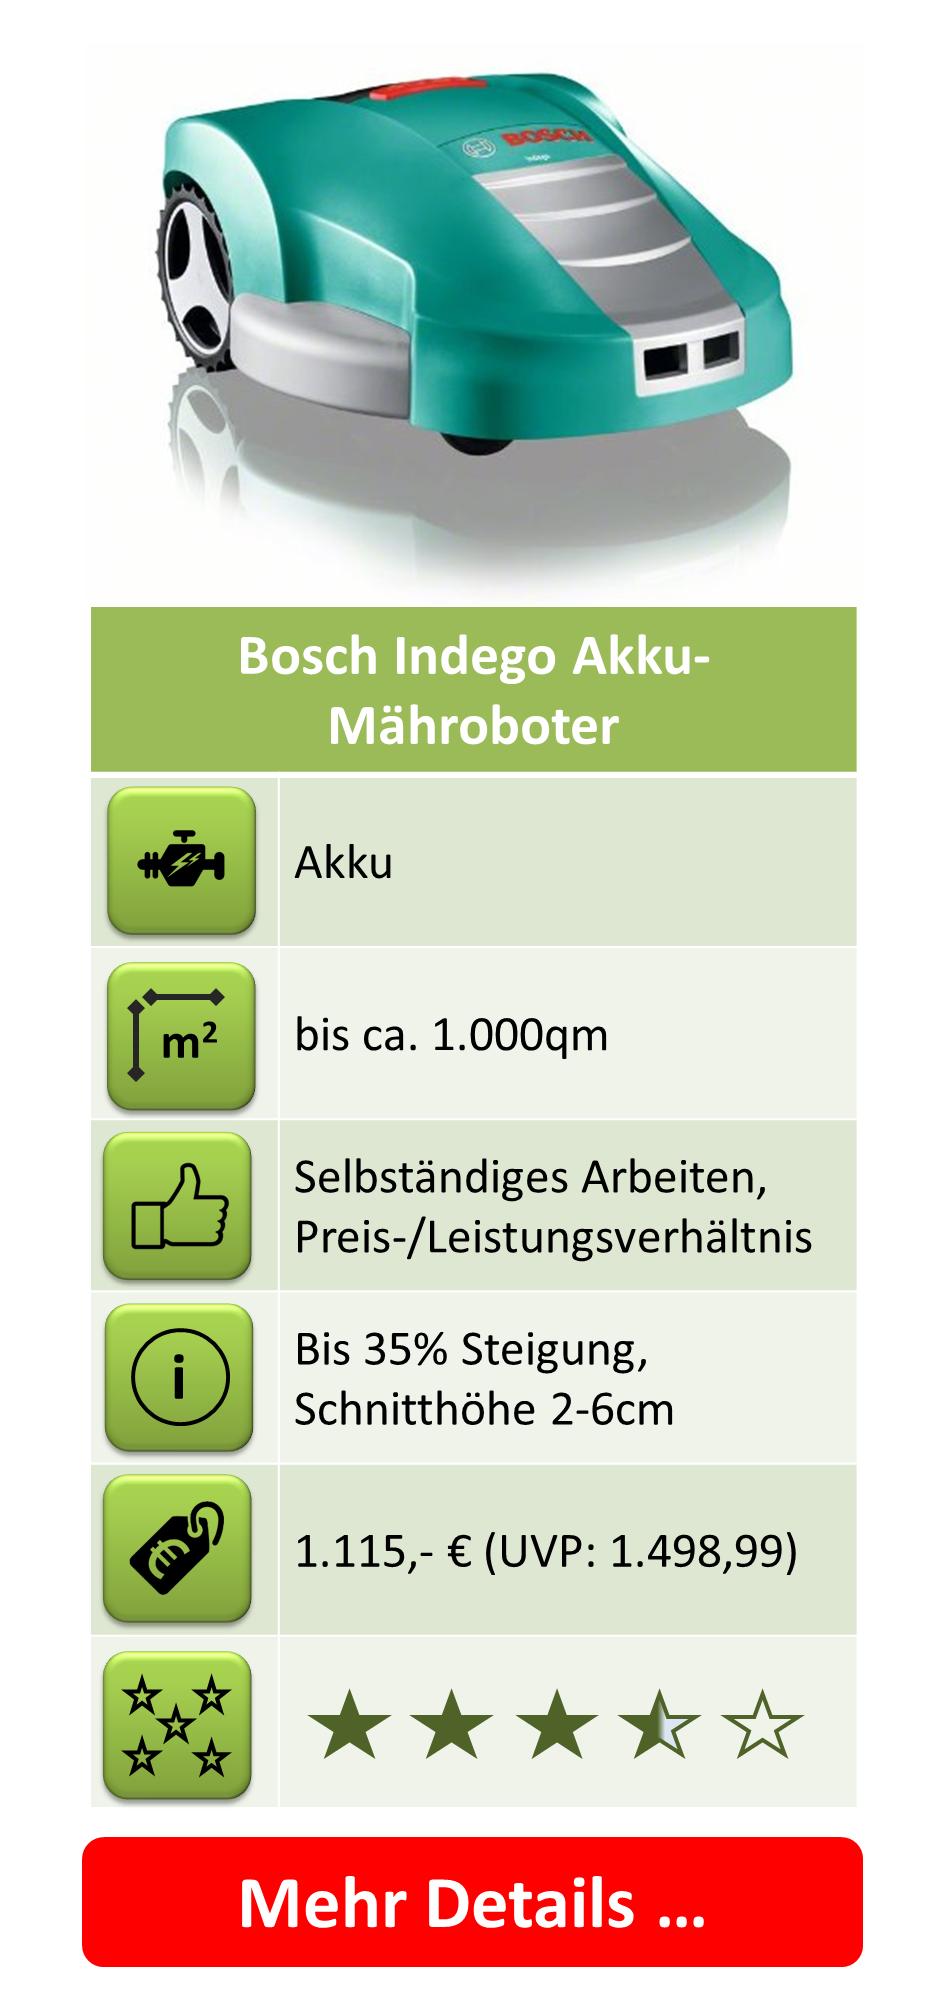 Rasenmäher-Roboter - Bosch Indego